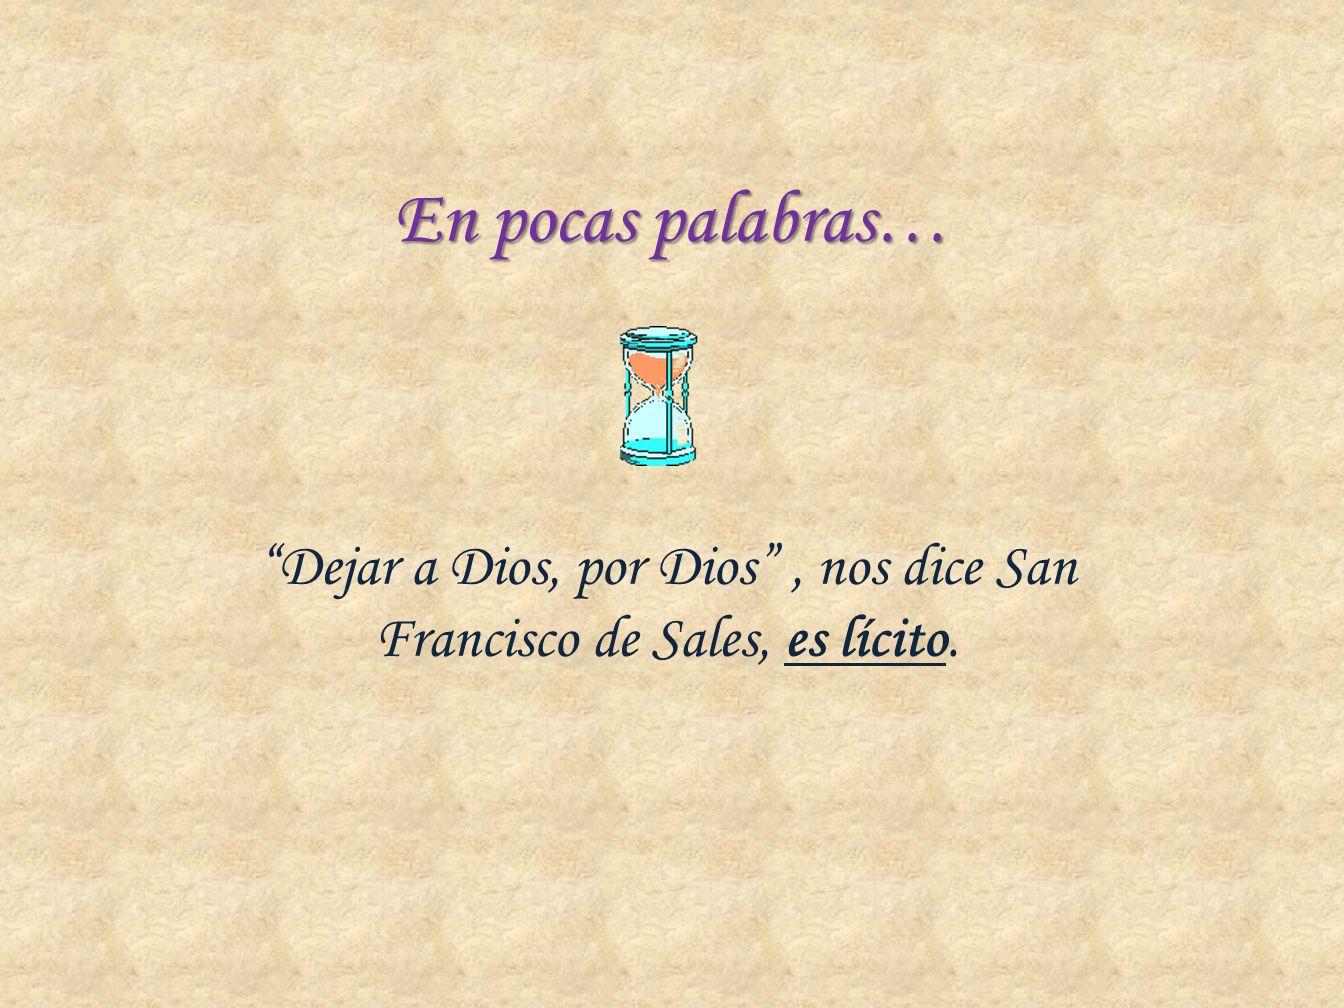 Dejar a Dios, por Dios , nos dice San Francisco de Sales, es lícito.